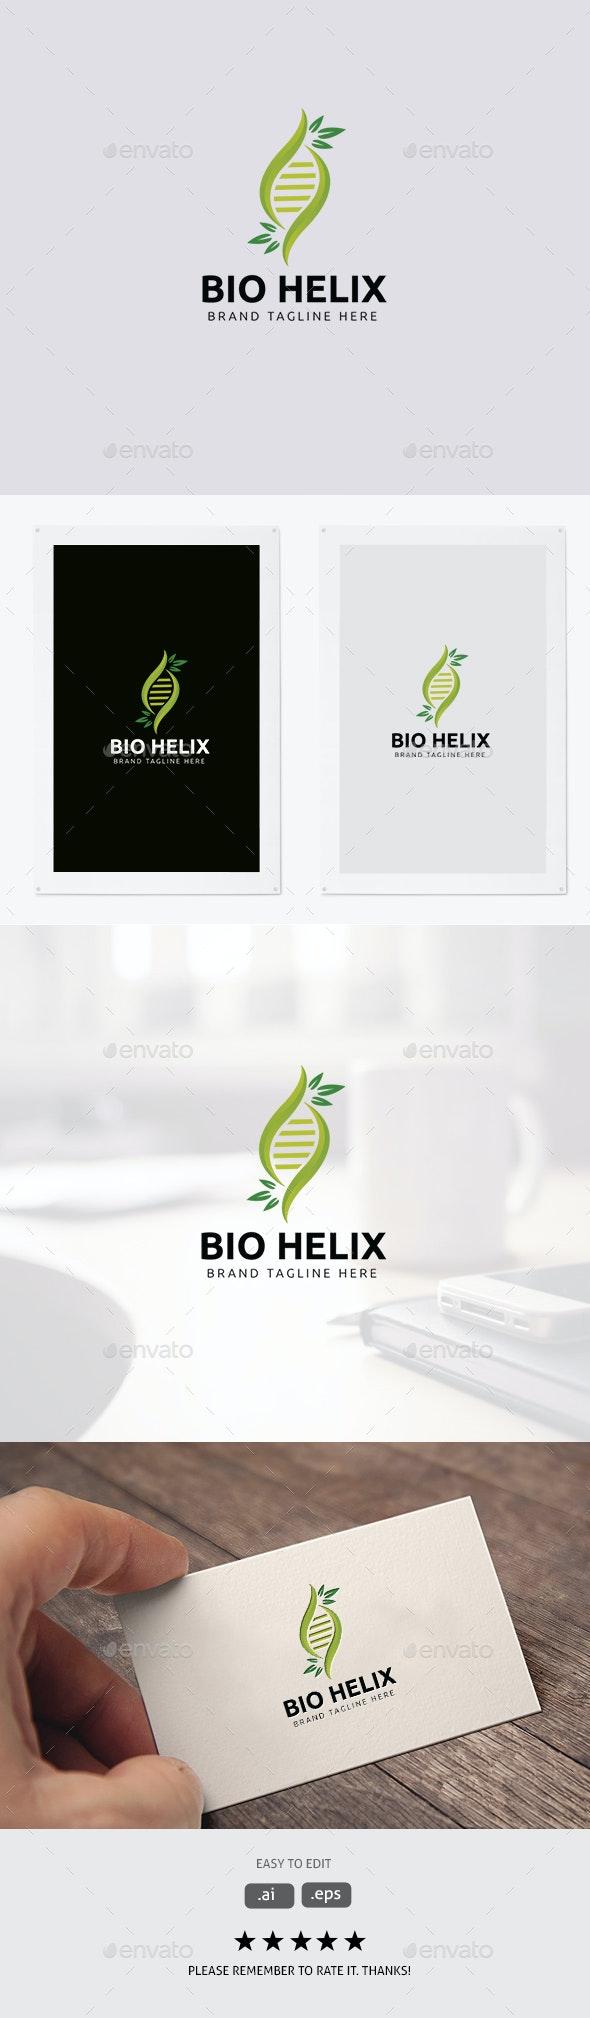 Bio Helix/DNA Logo - Abstract Logo Templates